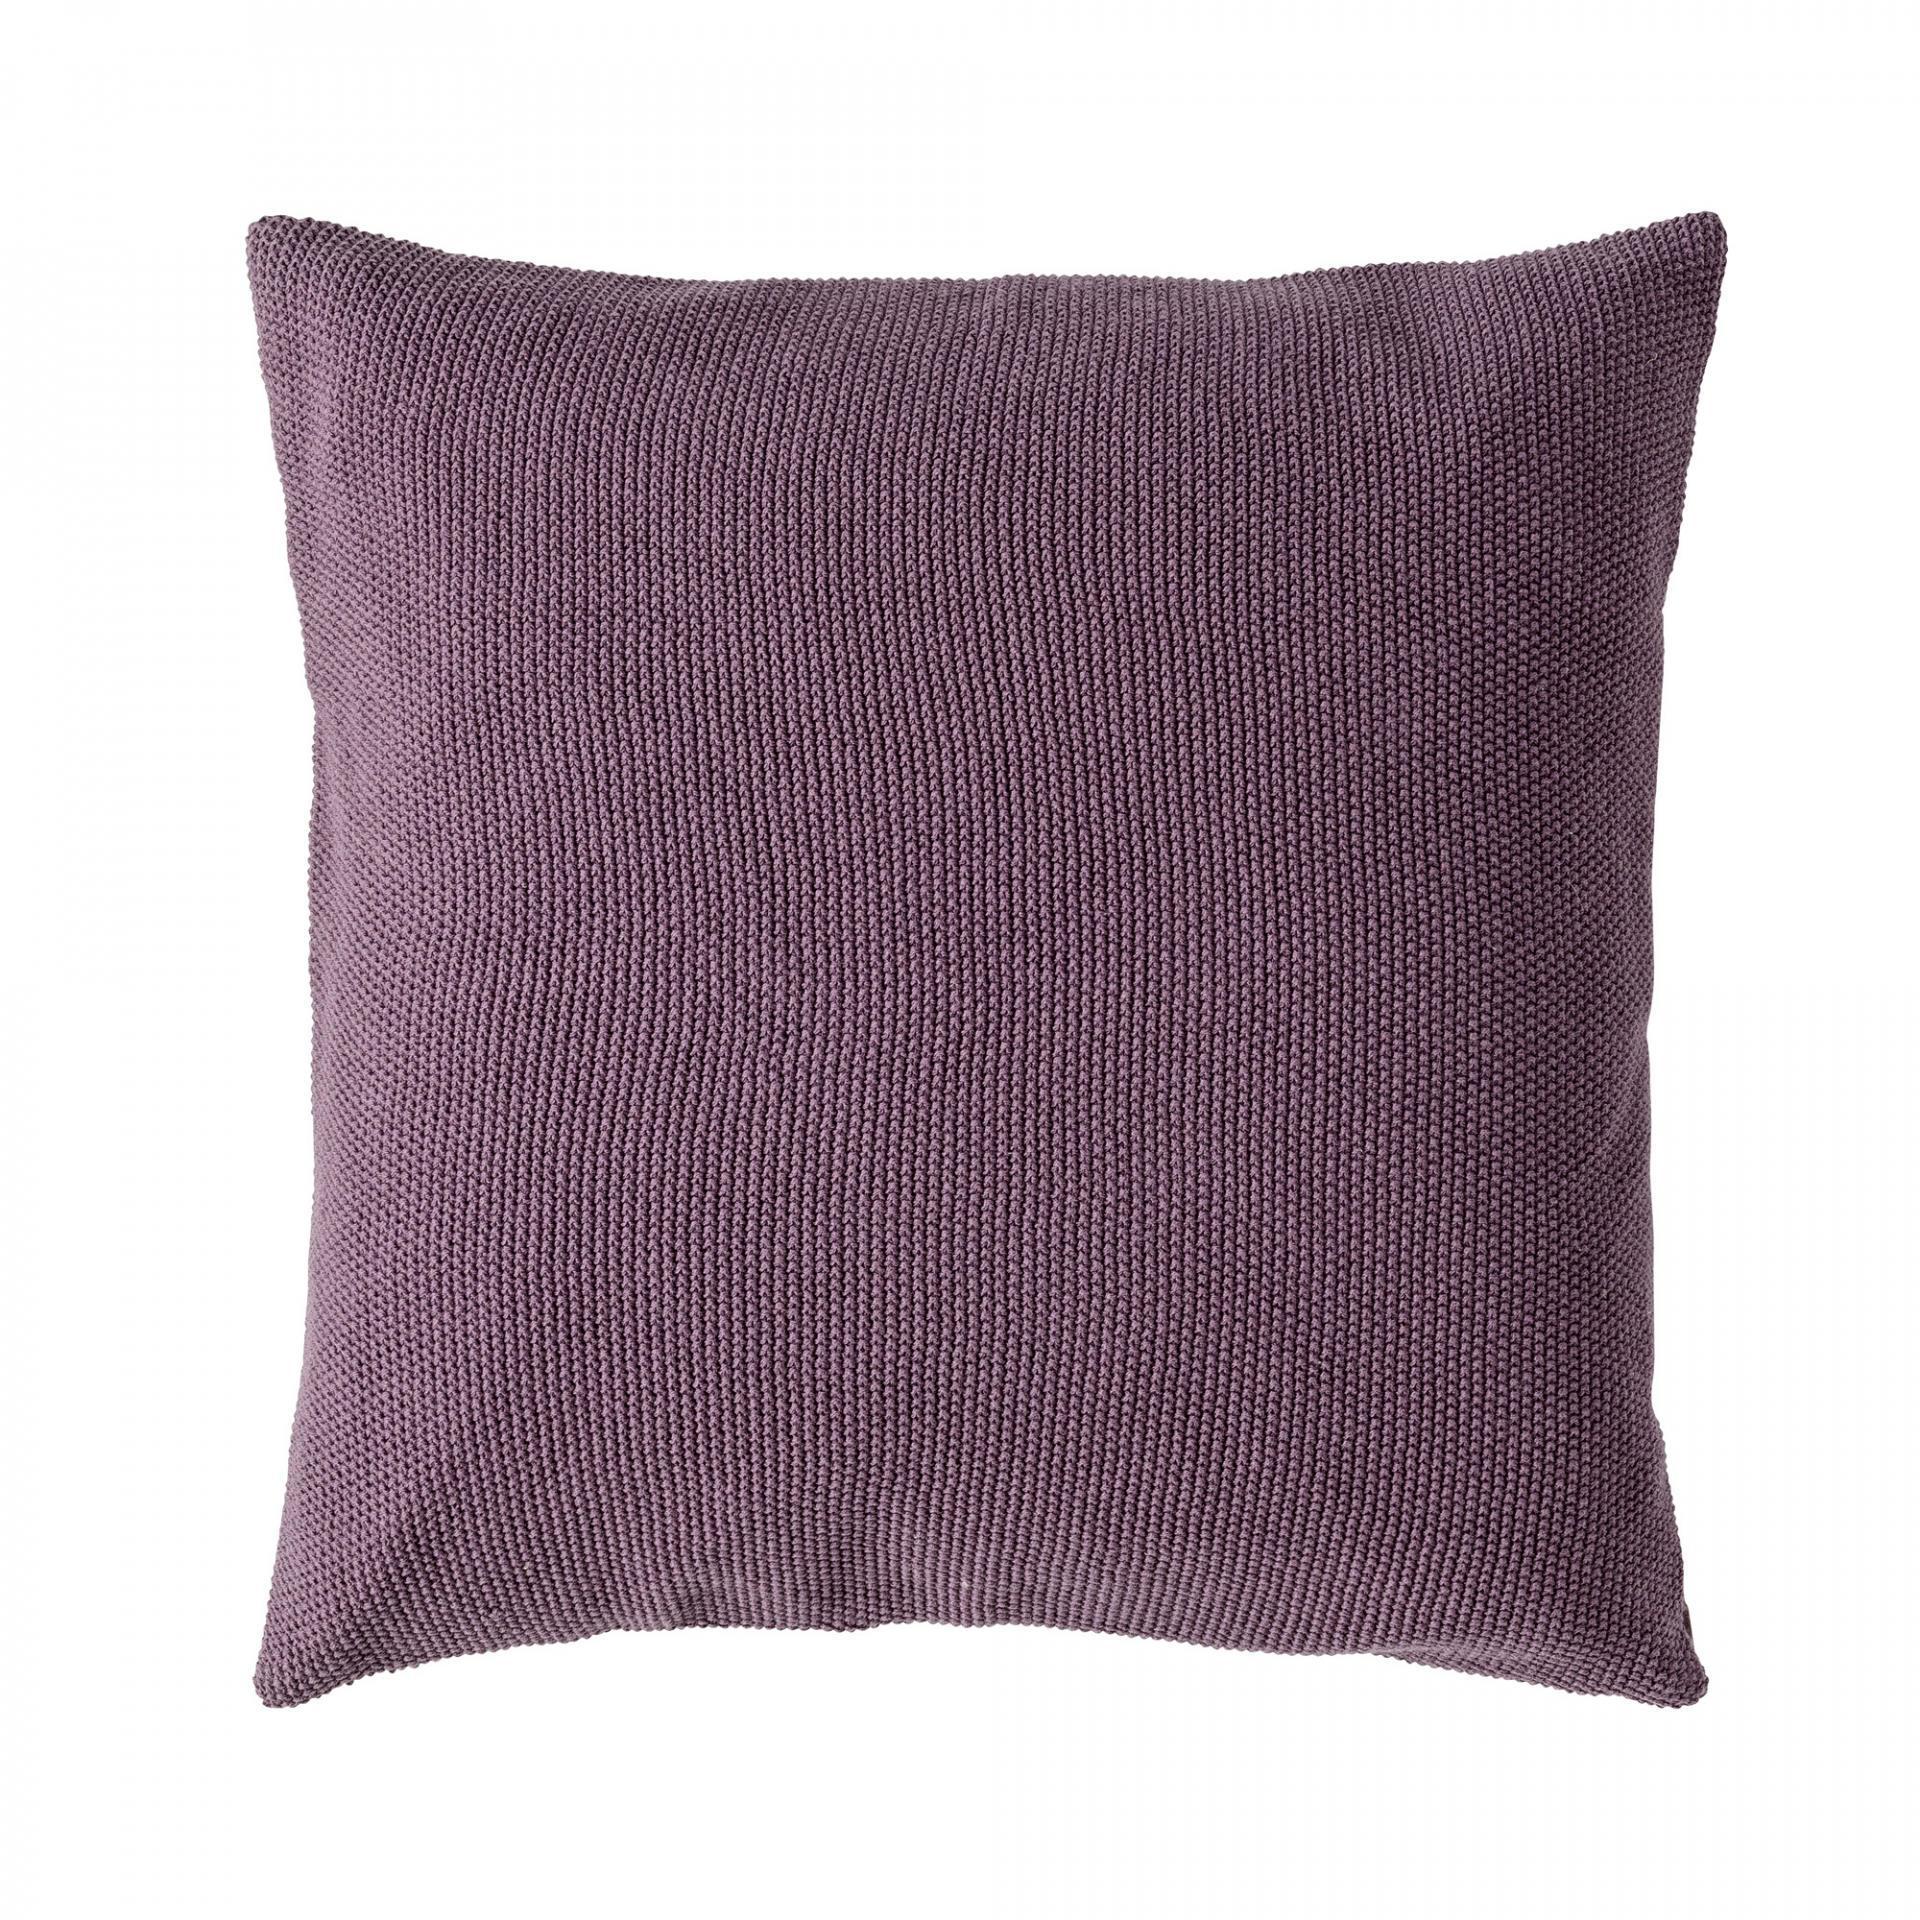 Bloomingville Polštář Dark Plum 45 x 45 cm, fialová barva, textil